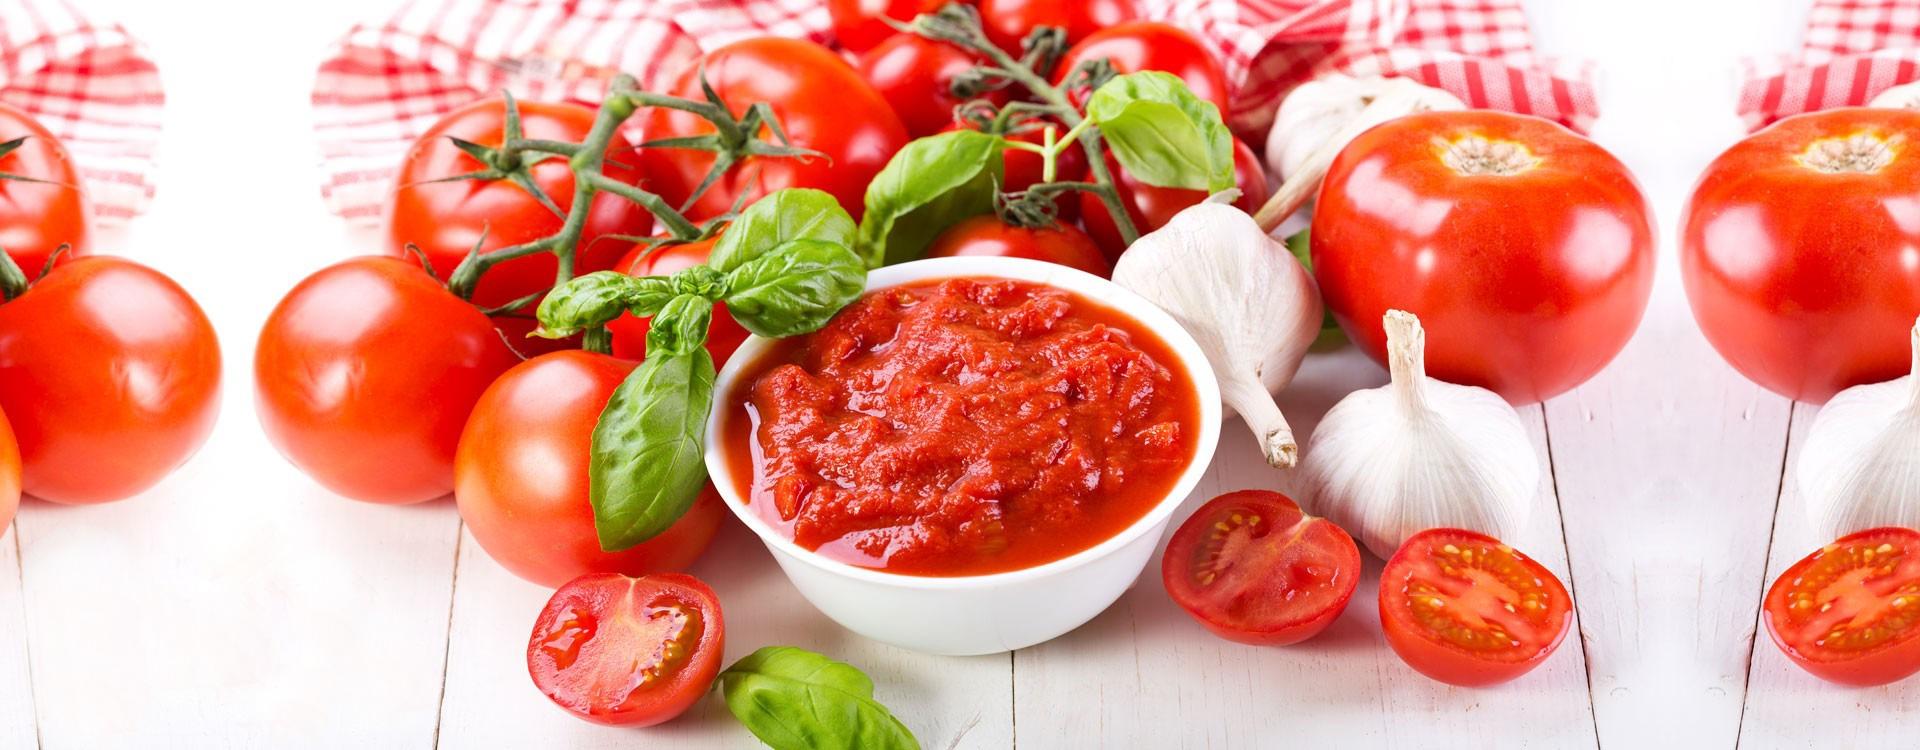 Pomodoro bio per salsa